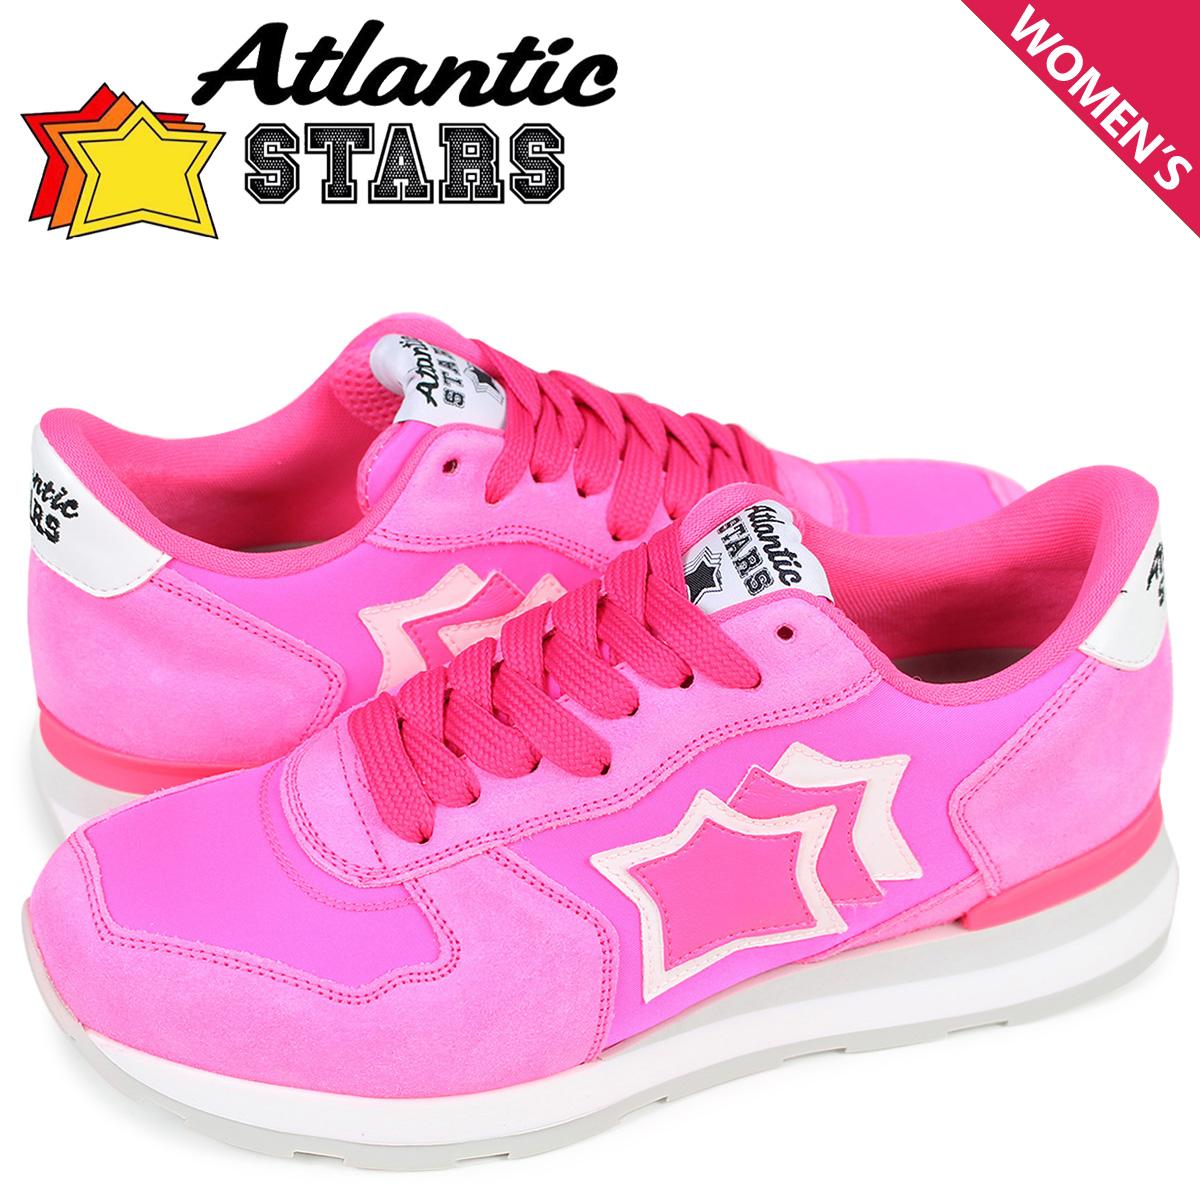 アトランティックスターズ Atlantic STARS ベガ スニーカー レディース VEGA UVP-86FF ピンク